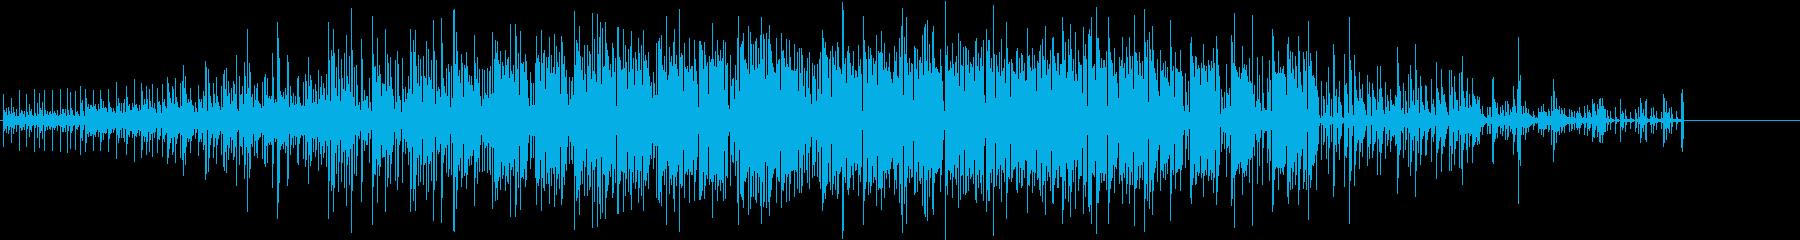 催眠的で熱狂的なエレクトロニカグル...の再生済みの波形